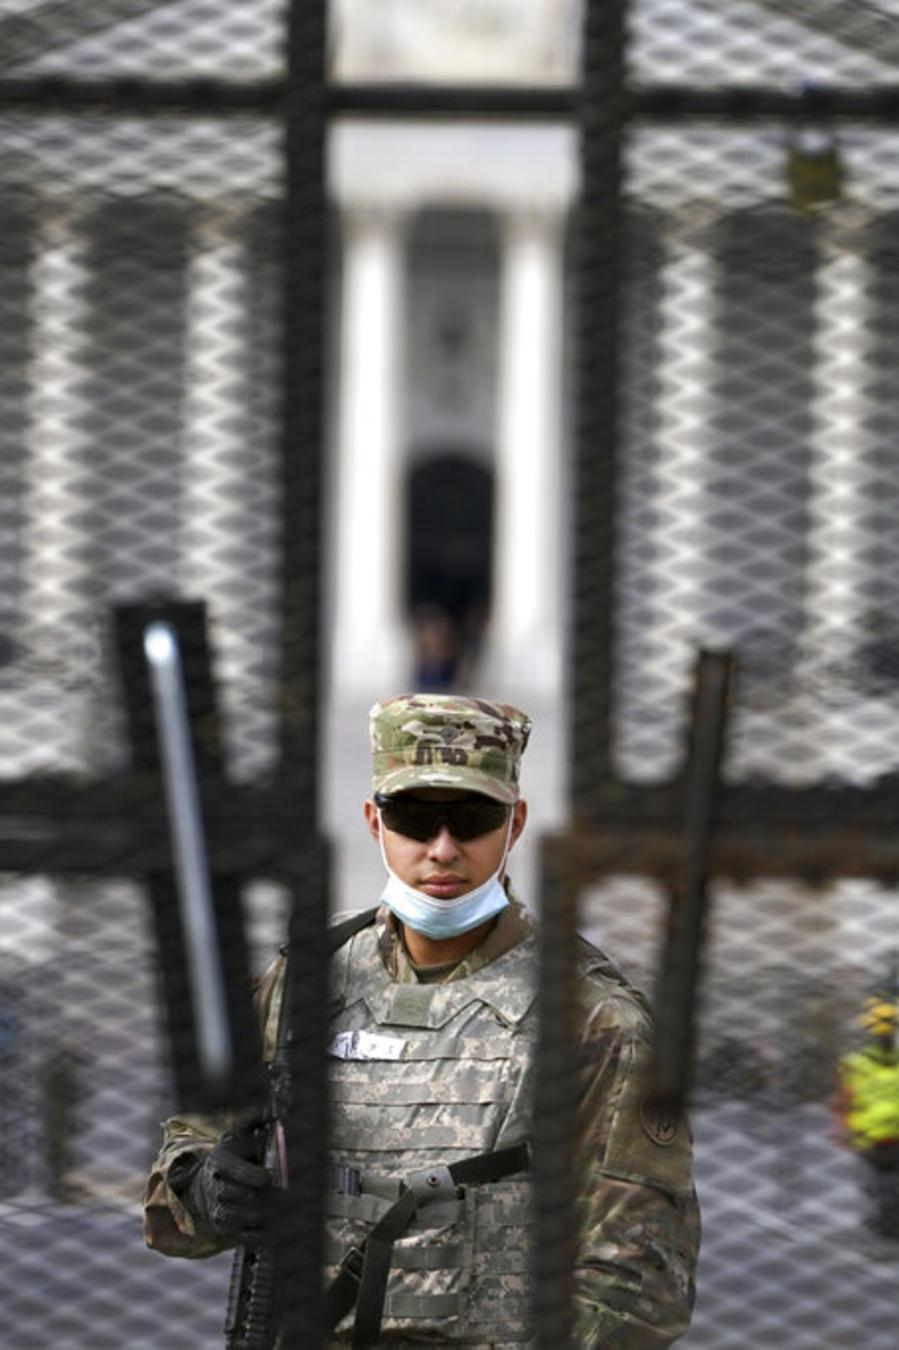 Miembros de la Guardia Nacional detrás de la defensa que protege al Capitolio a días de la toma de posesión de Joe Biden y Kamala Harris.